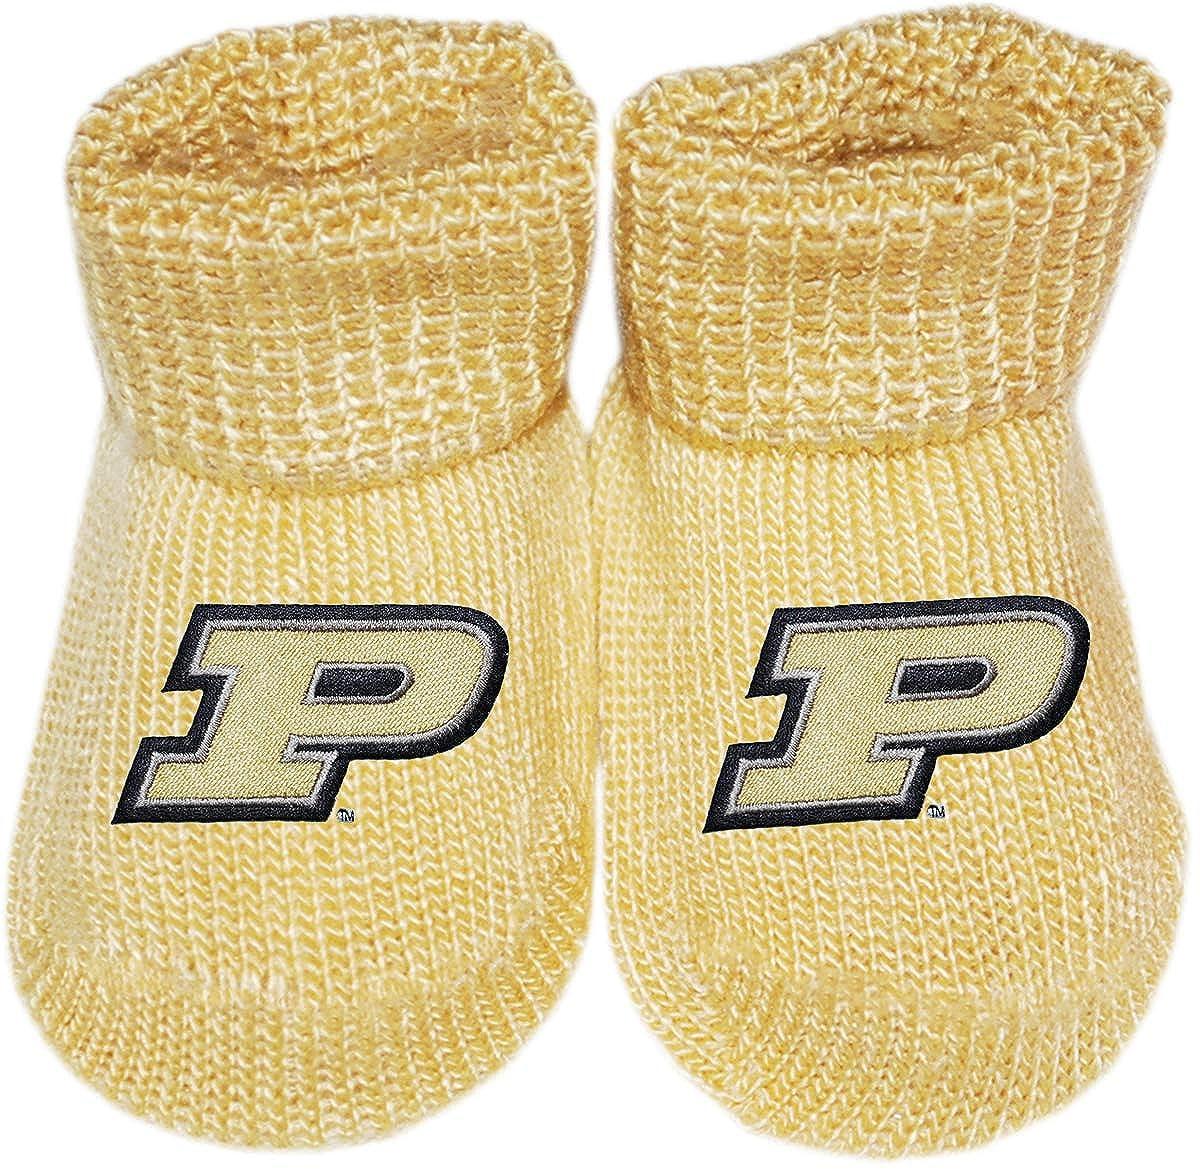 Purdue Newborn Baby Bootie Sock